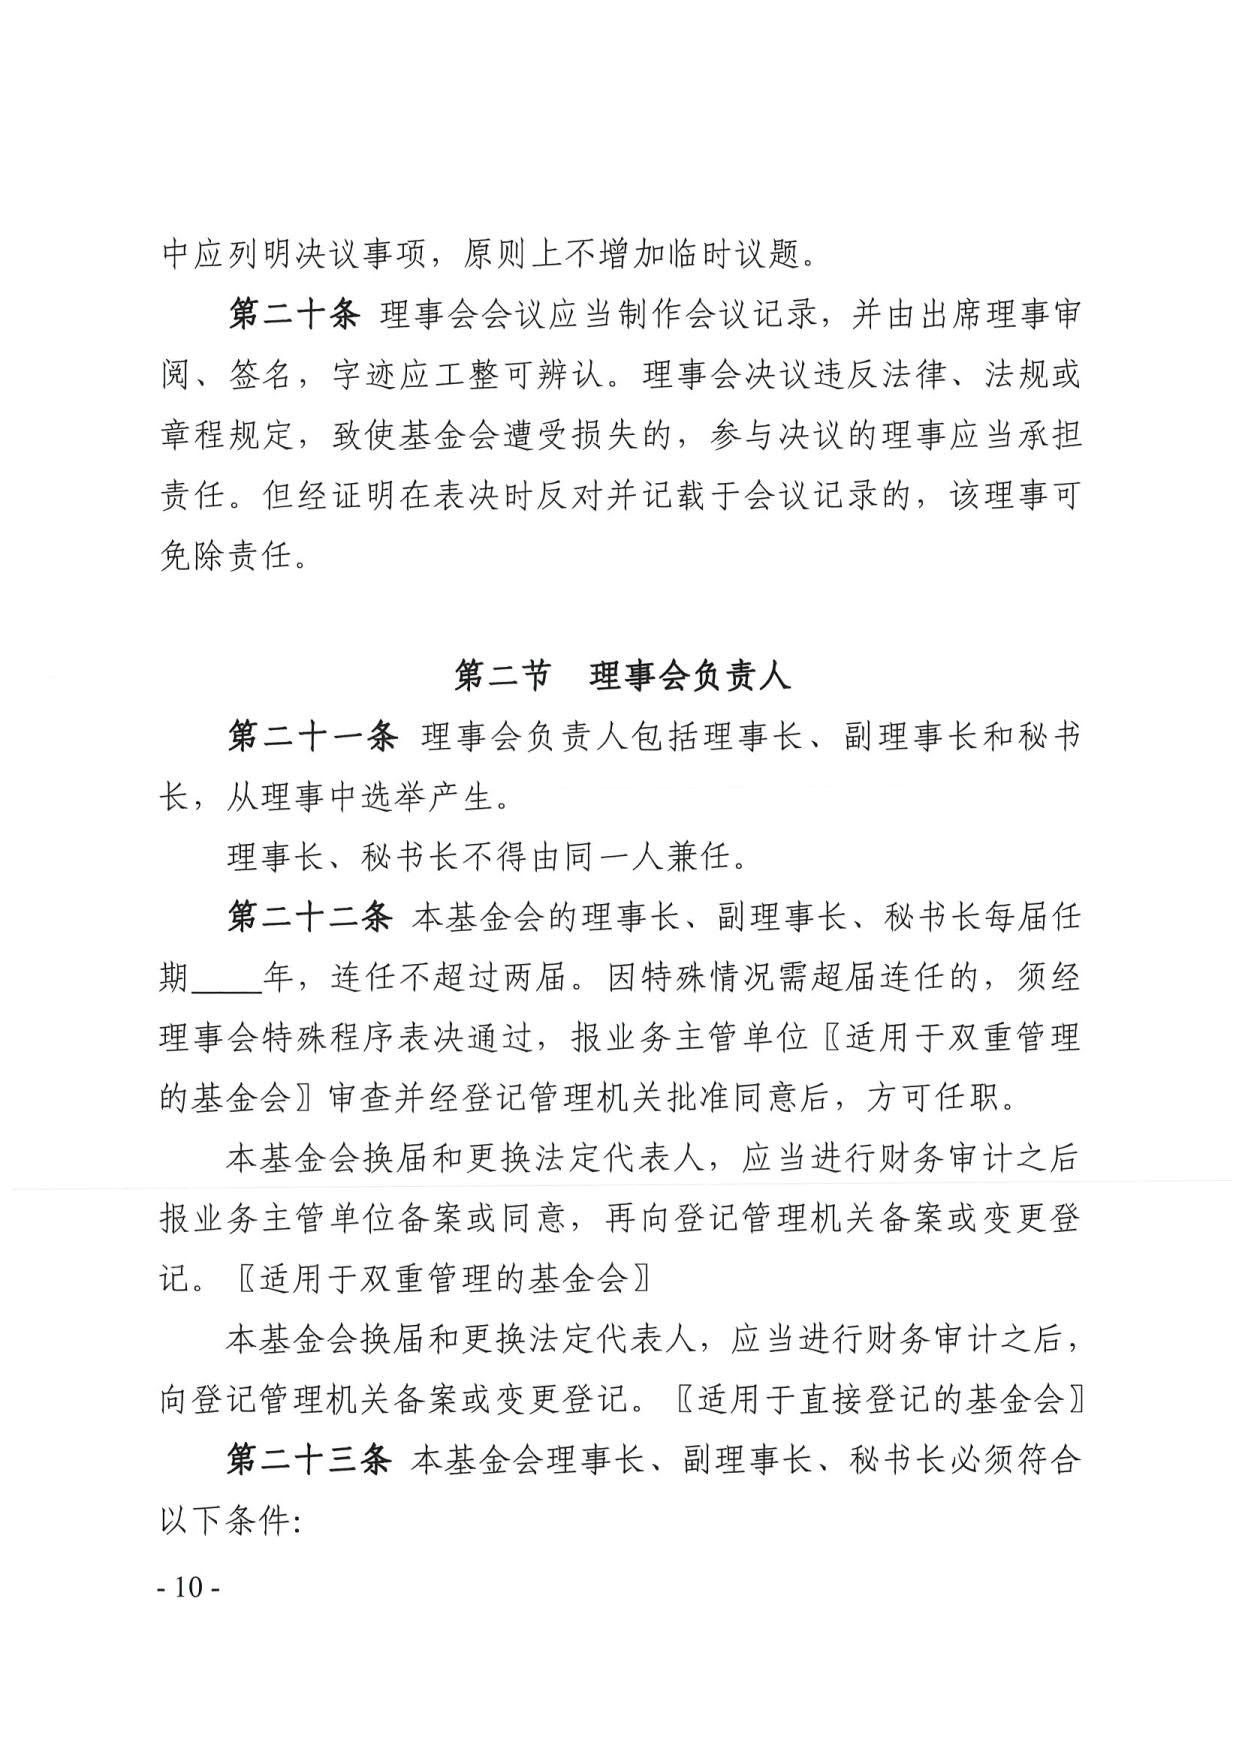 广东省民政厅关于印发《广东省基金会章程示范文本》的通知(4)_10.jpg